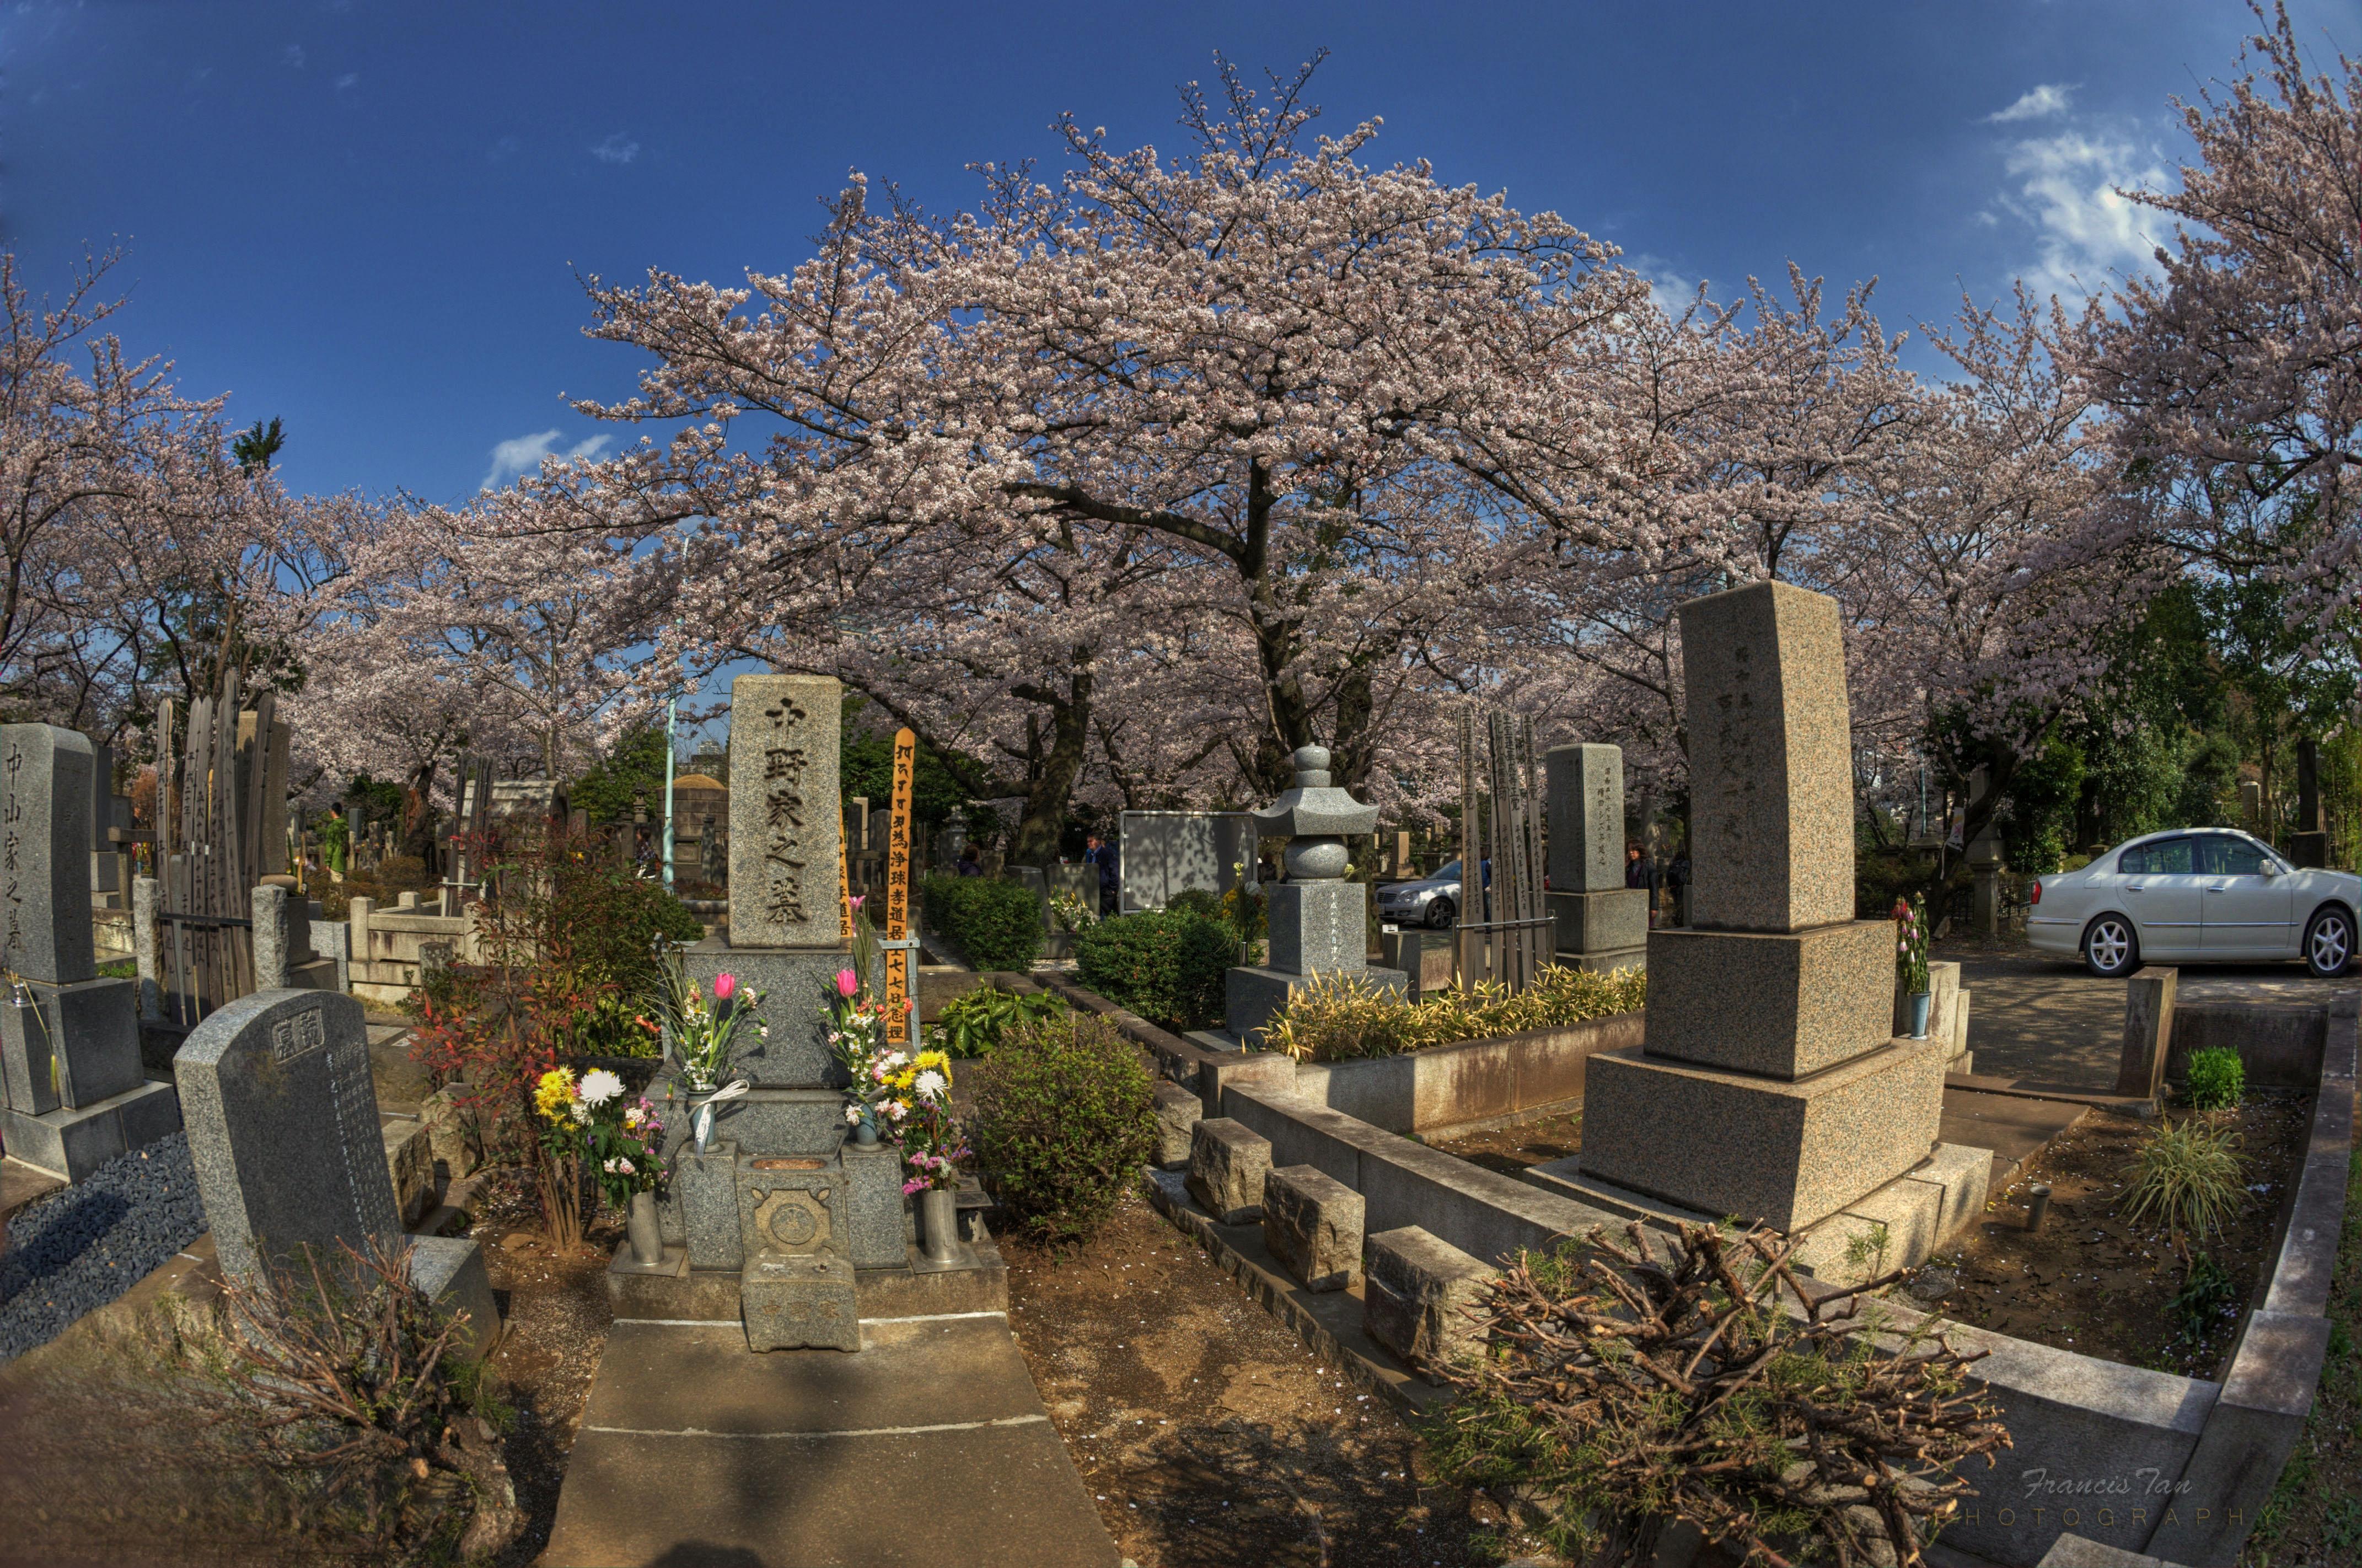 Unduh 900 Wallpaper Bunga Sakura Full Hd HD Gratis